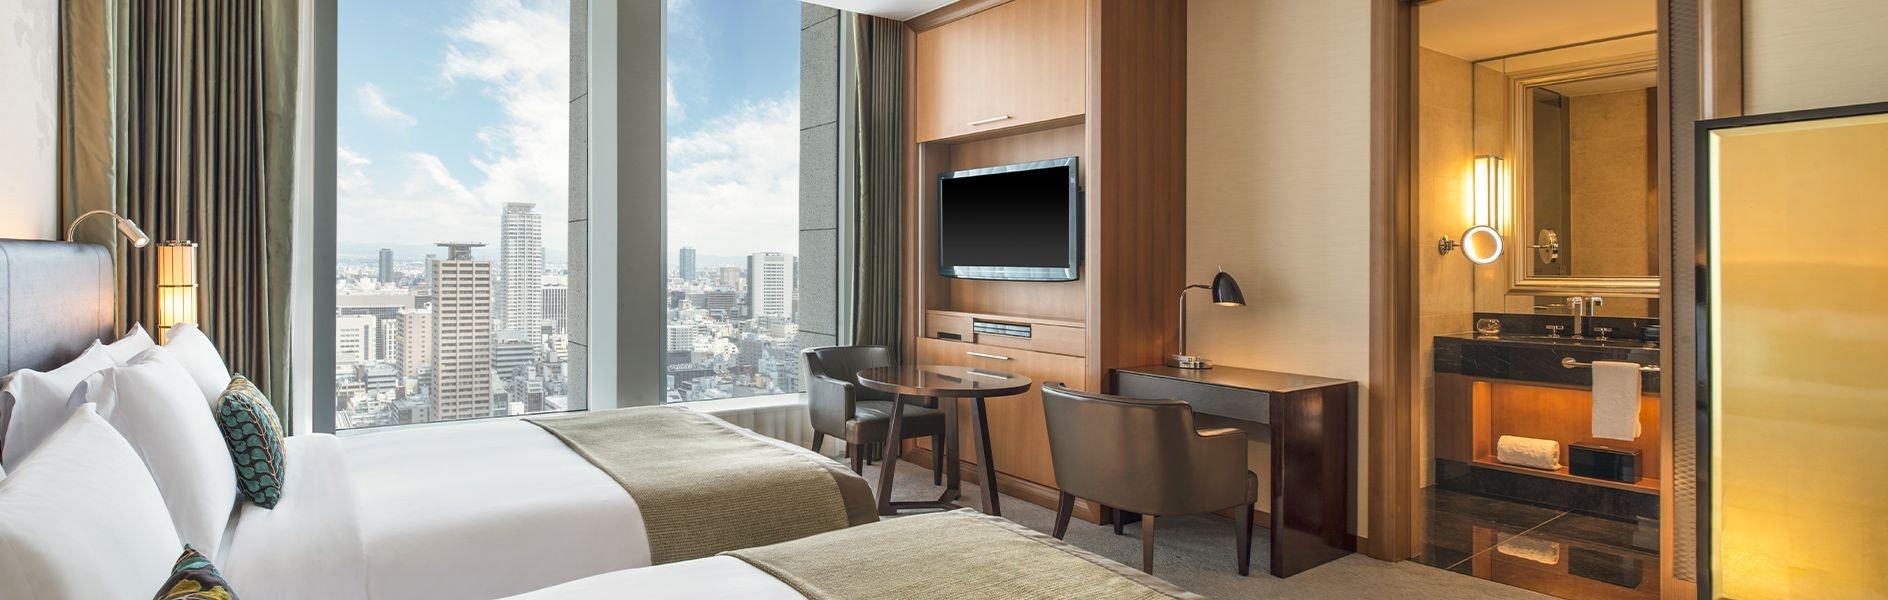 セント レジス ホテル 大阪